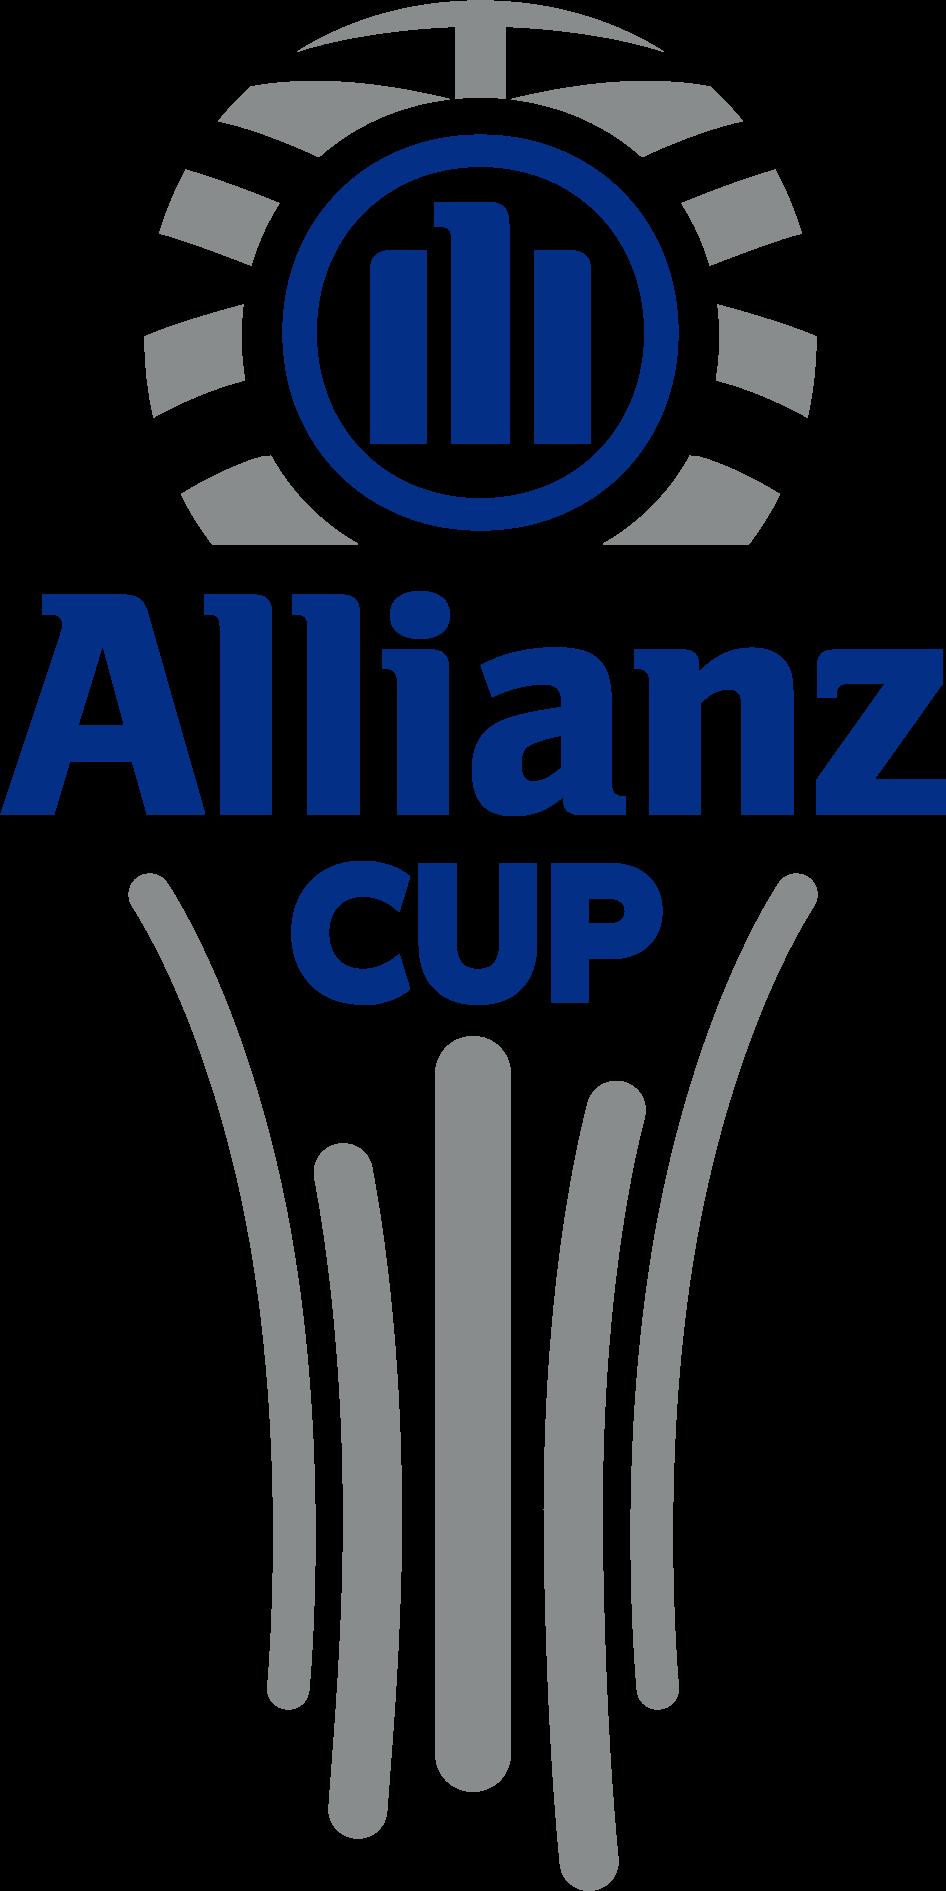 Taça da Liga - Wikipedia